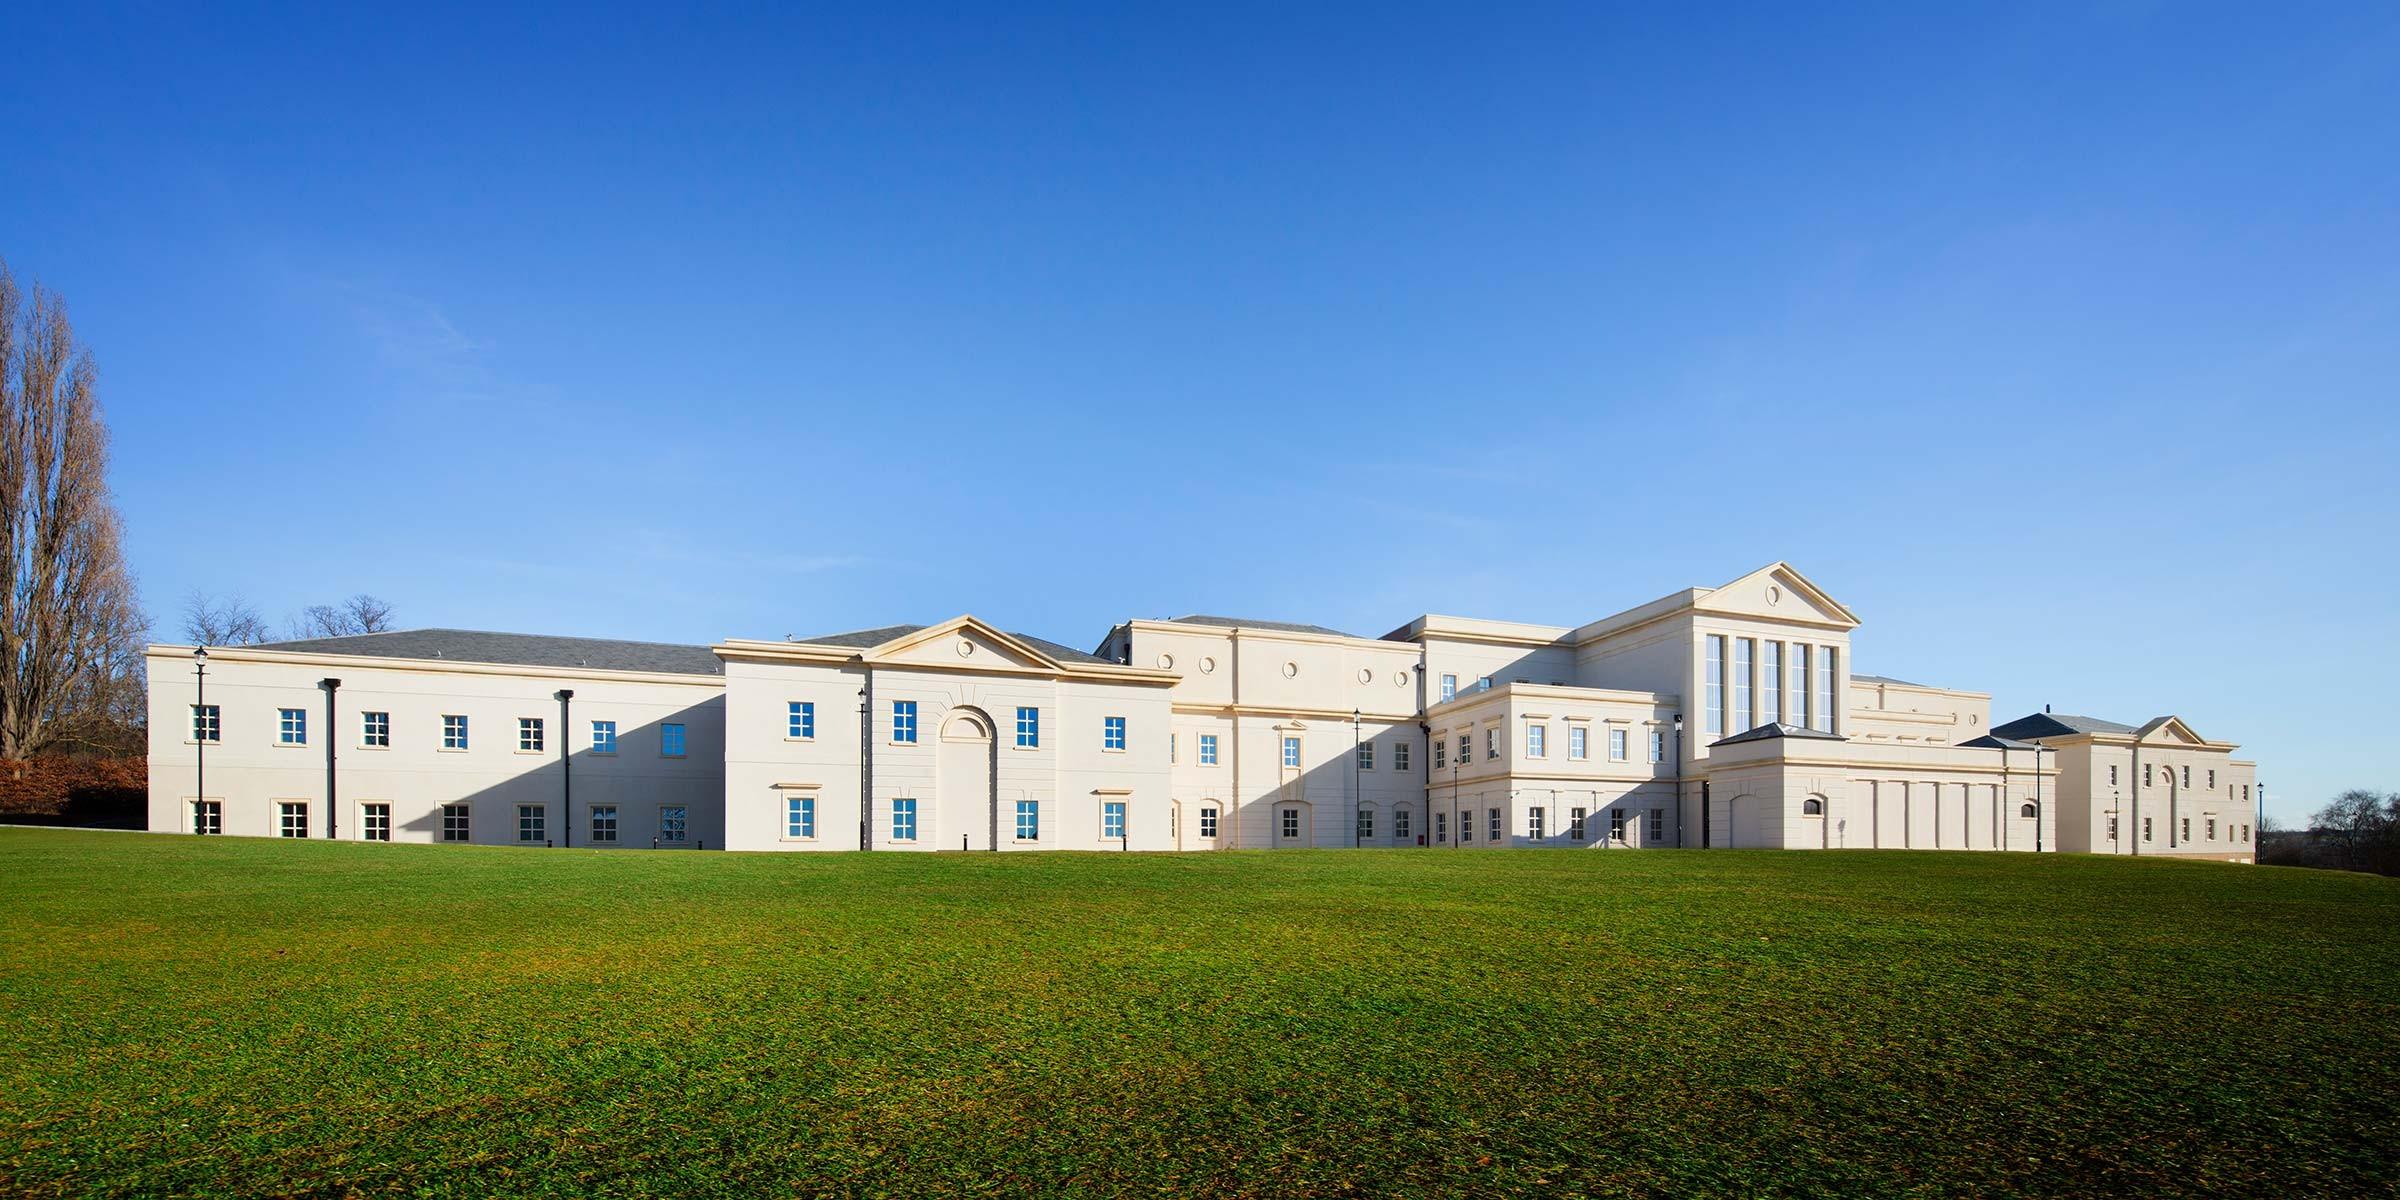 William Wake House, St Andrew's Healthcare, Northampton